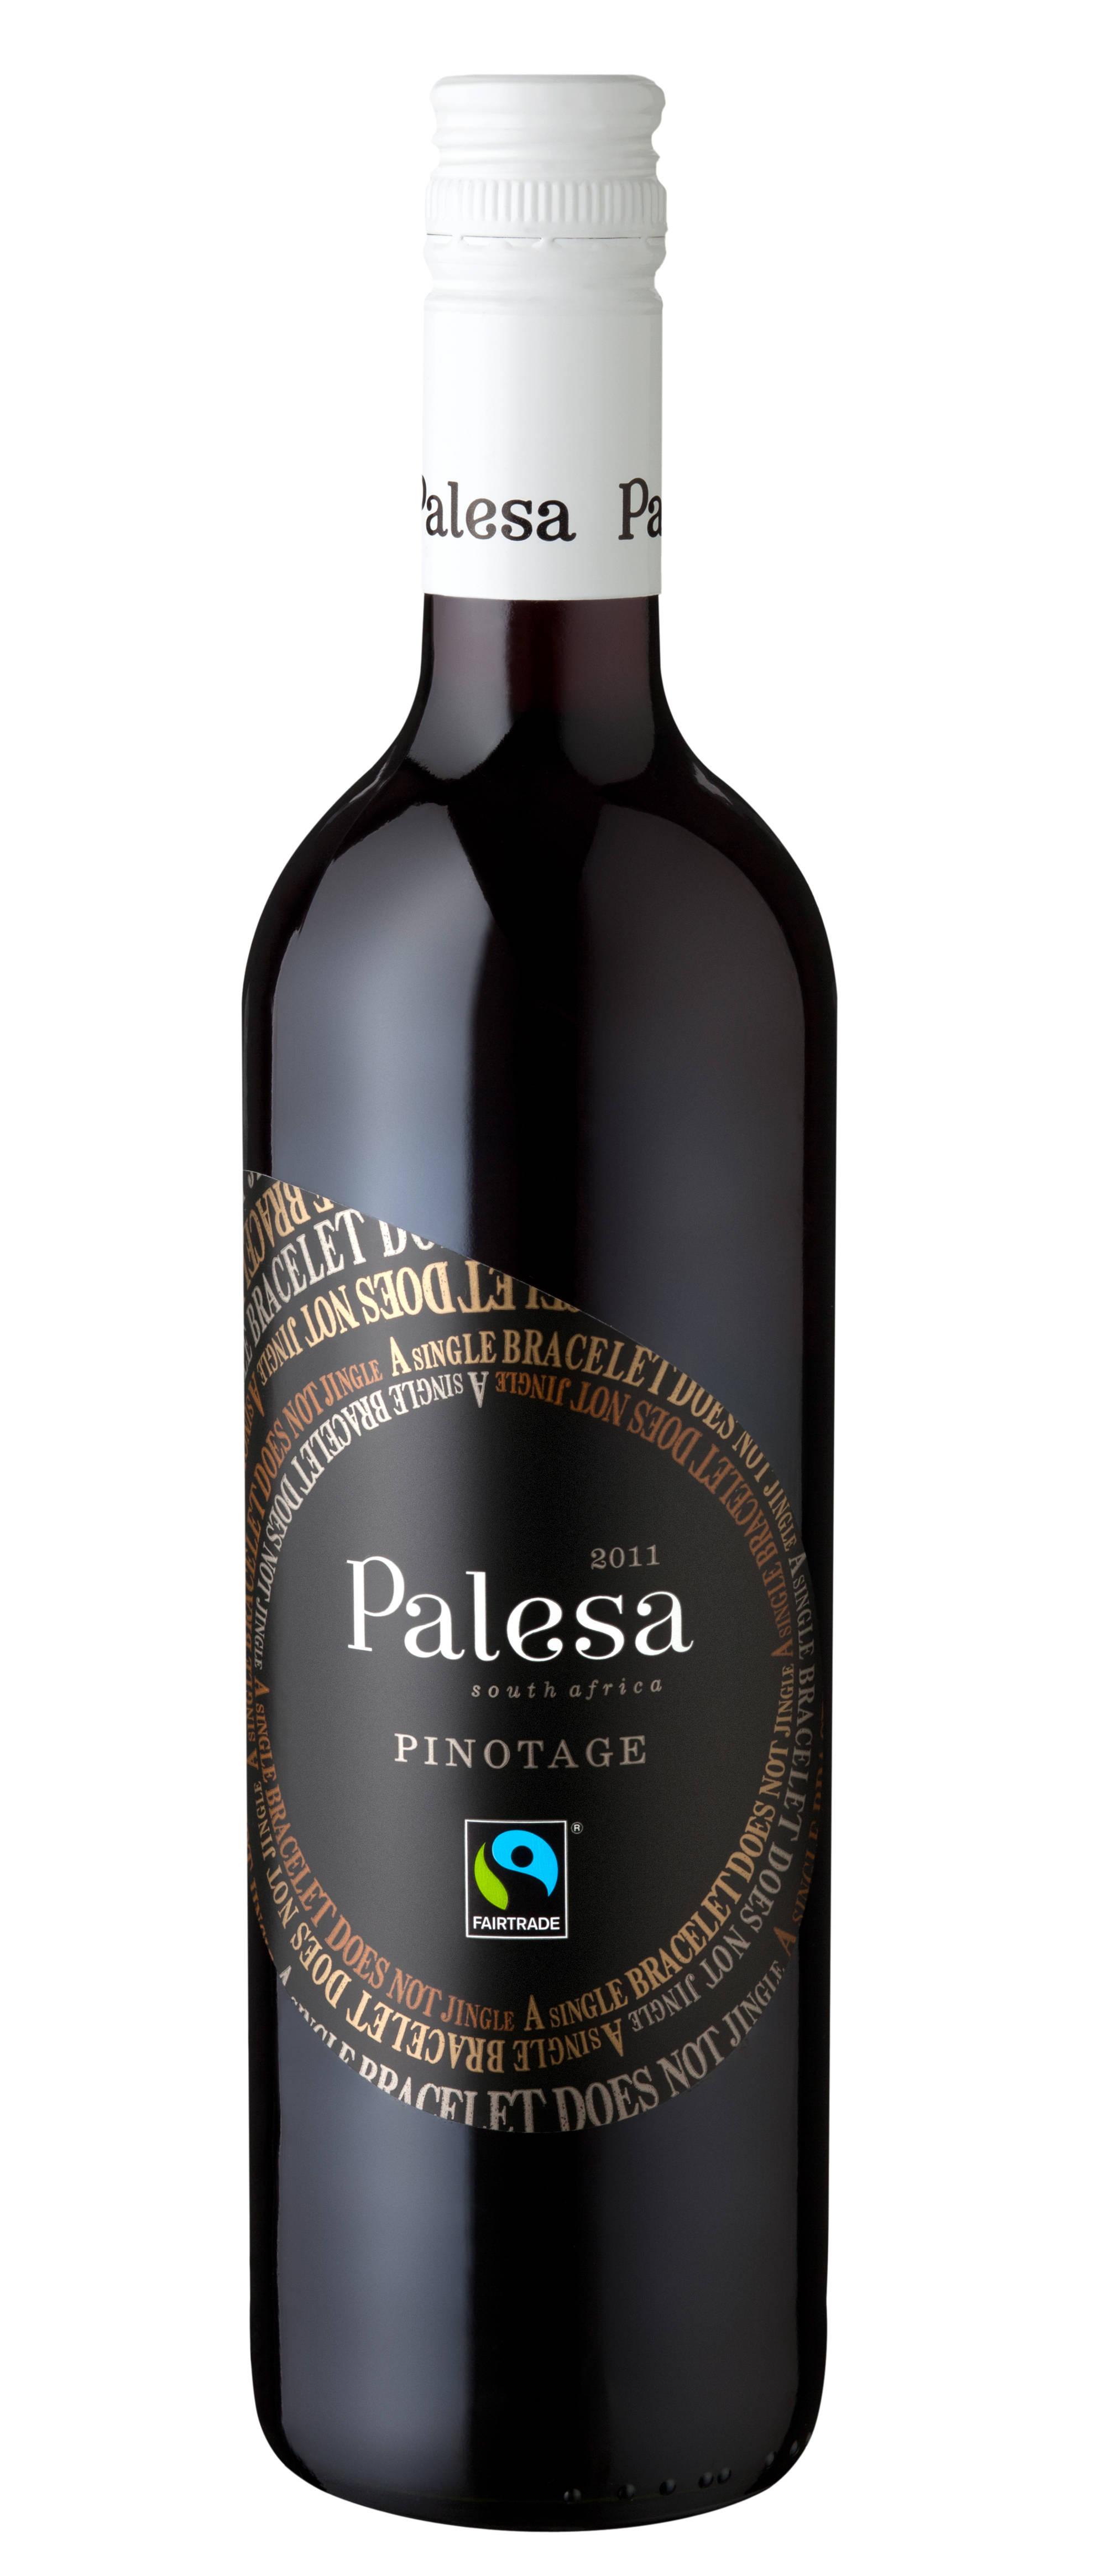 Palesa Pinotage